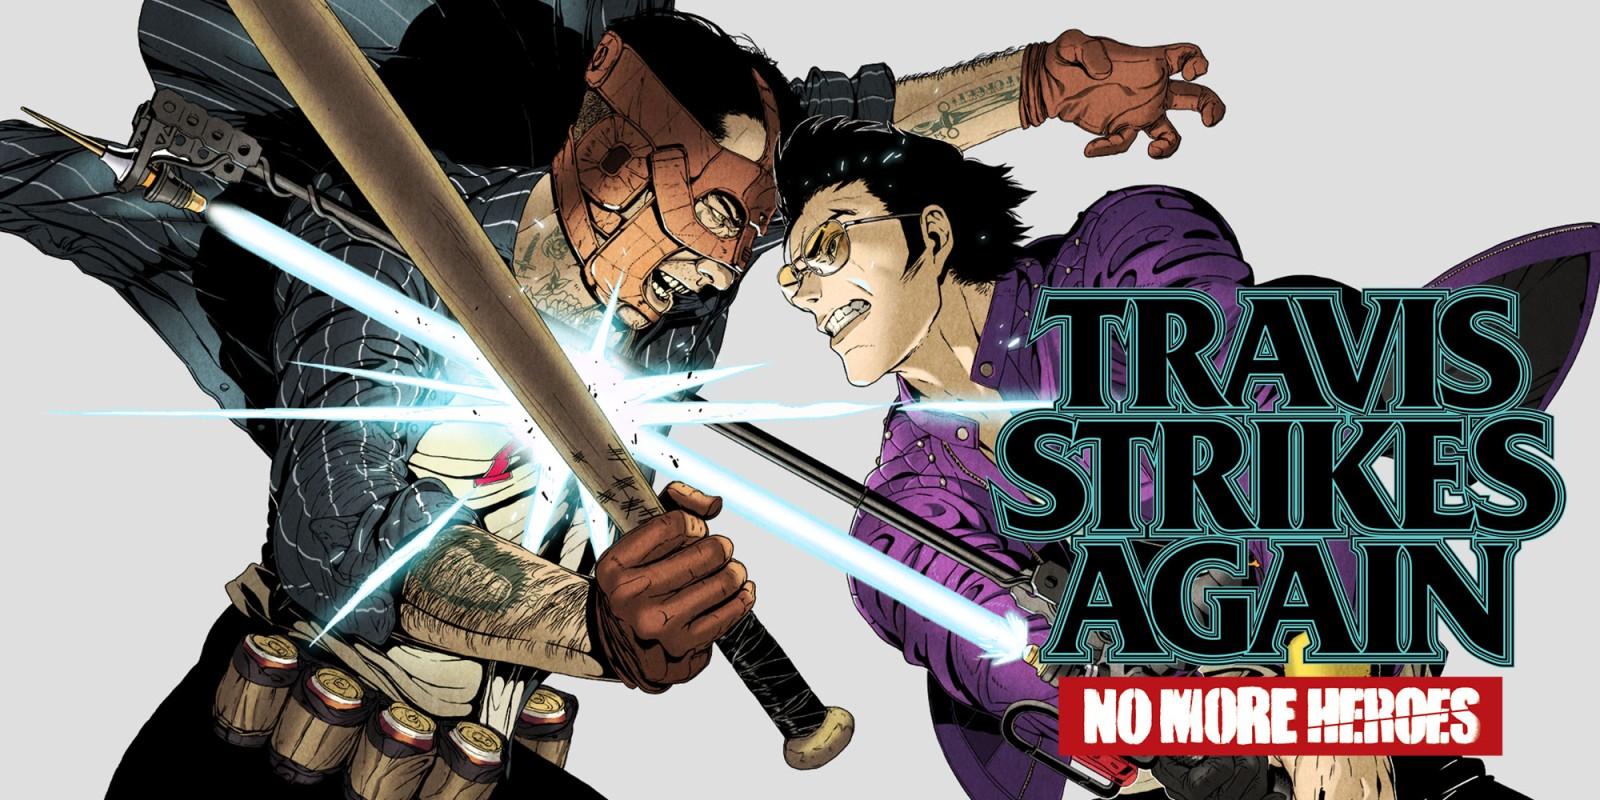 Travis Strikes Again, la recensione: il killer otaku sta tornando 1